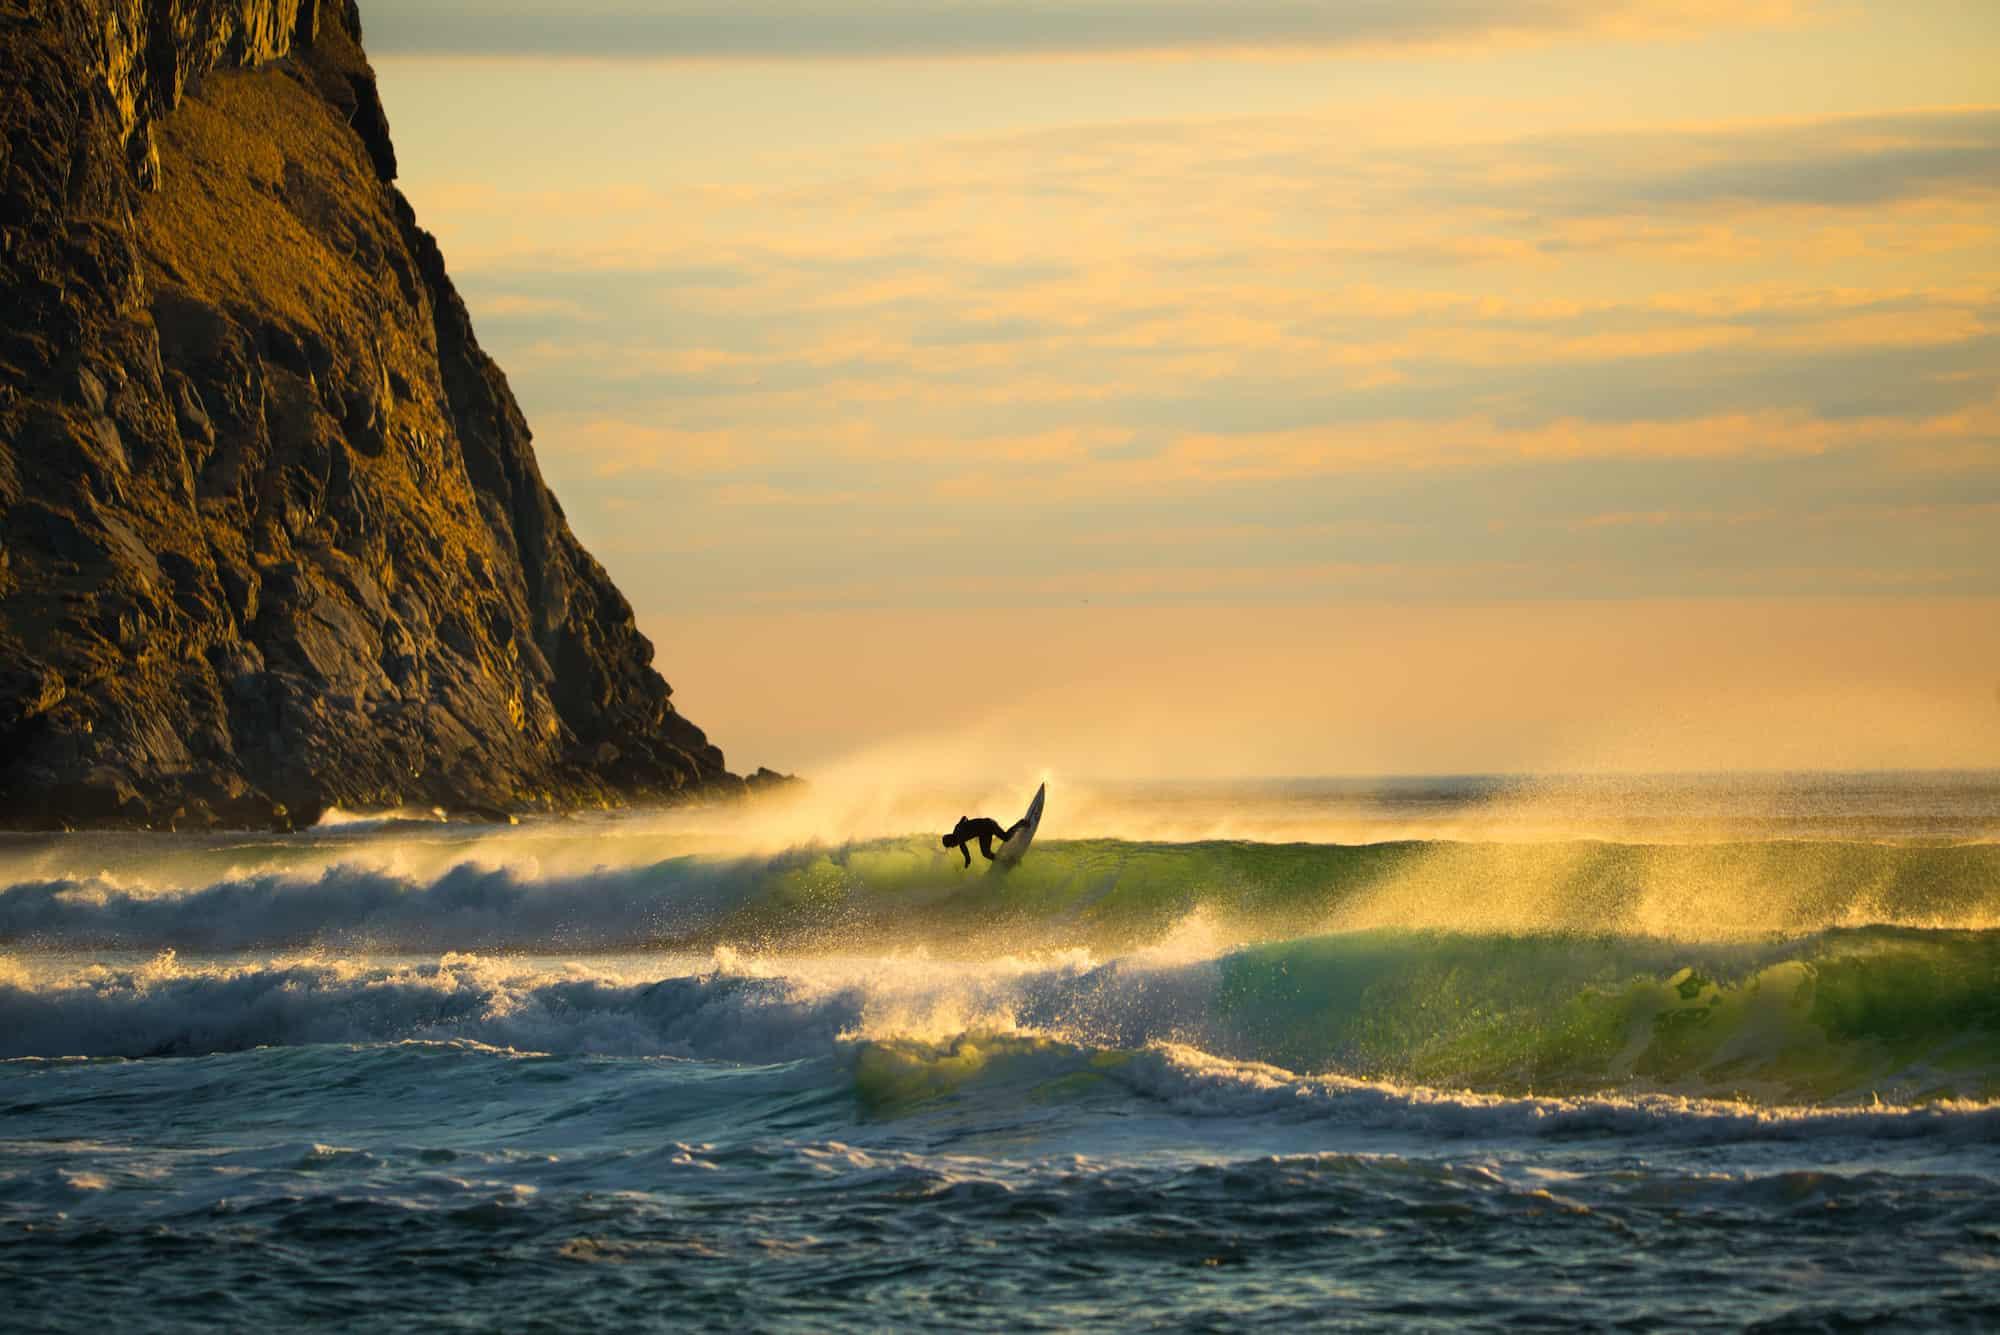 Surfer i nydelig lys og fine bølger.